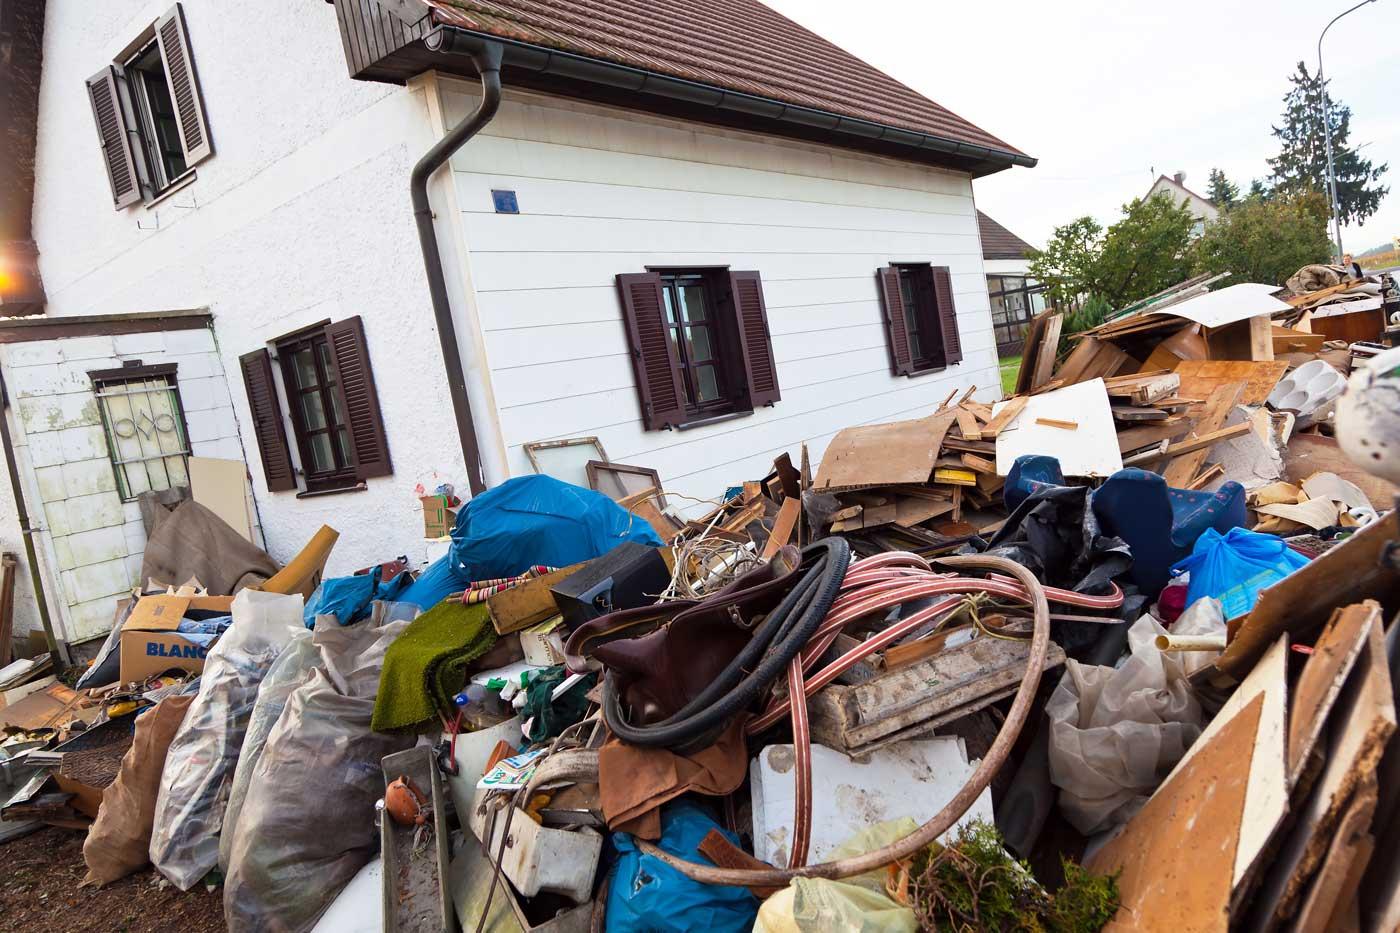 Haus Räumung Wohnungsauflösung